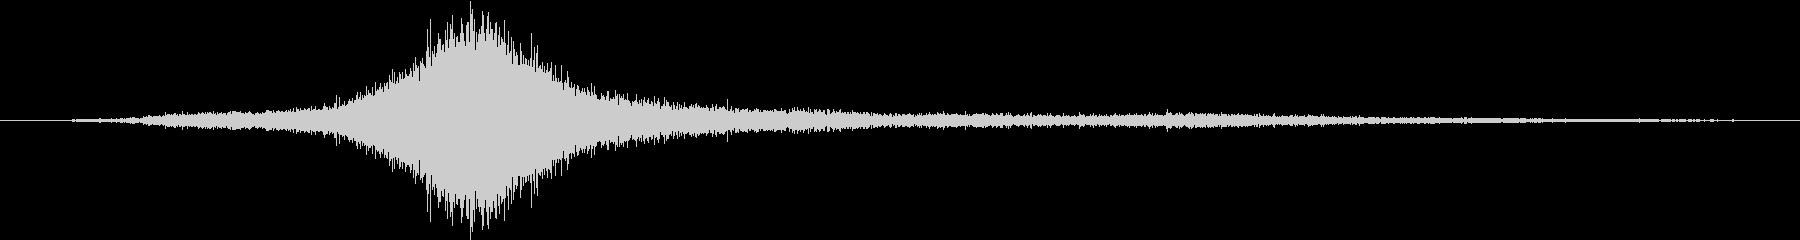 エアバスA319旅客機:内線:頭上...の未再生の波形